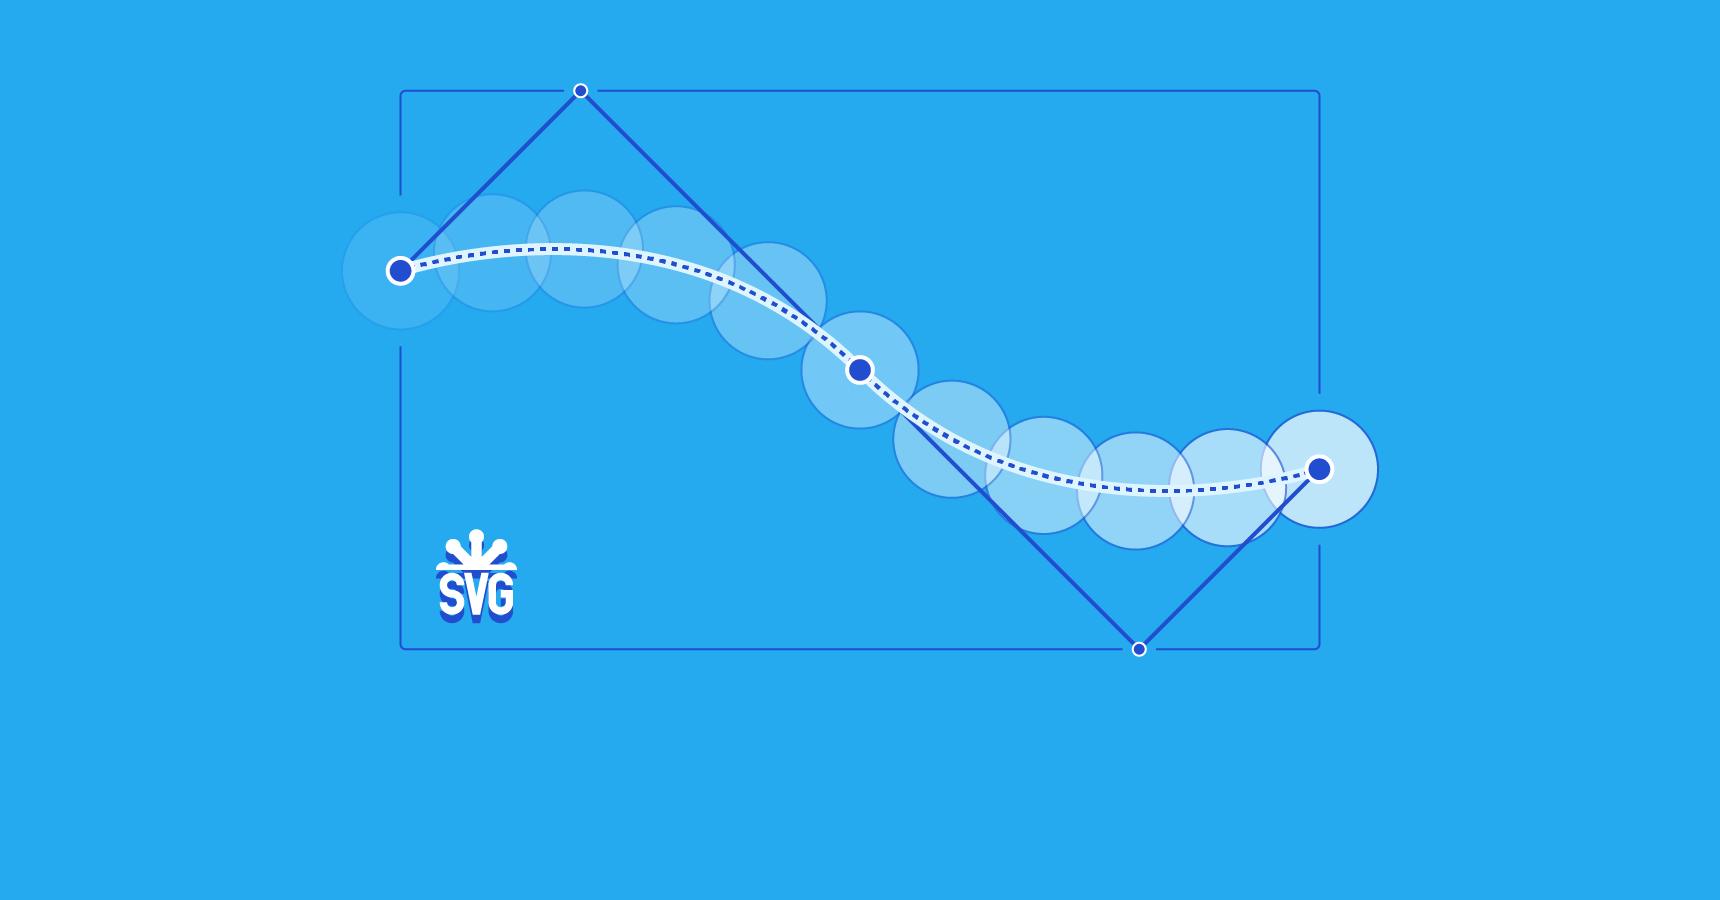 8 thư viện JavaScript để tạo ảnh SVG động 1